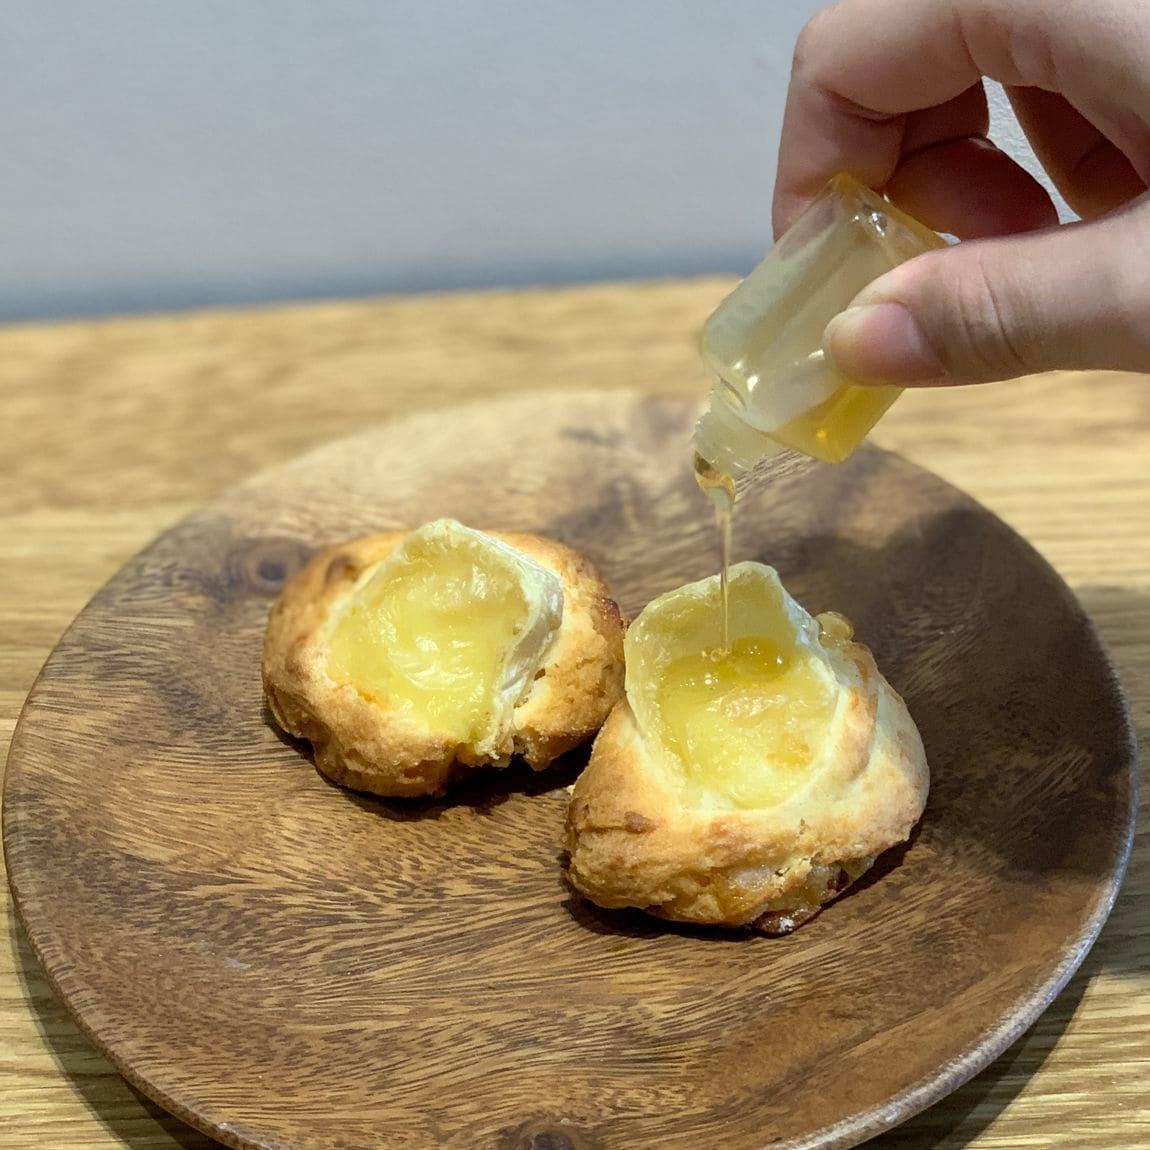 【堺北花田】雅蜂園の蜂蜜を使ったパン ベーカリー売場から